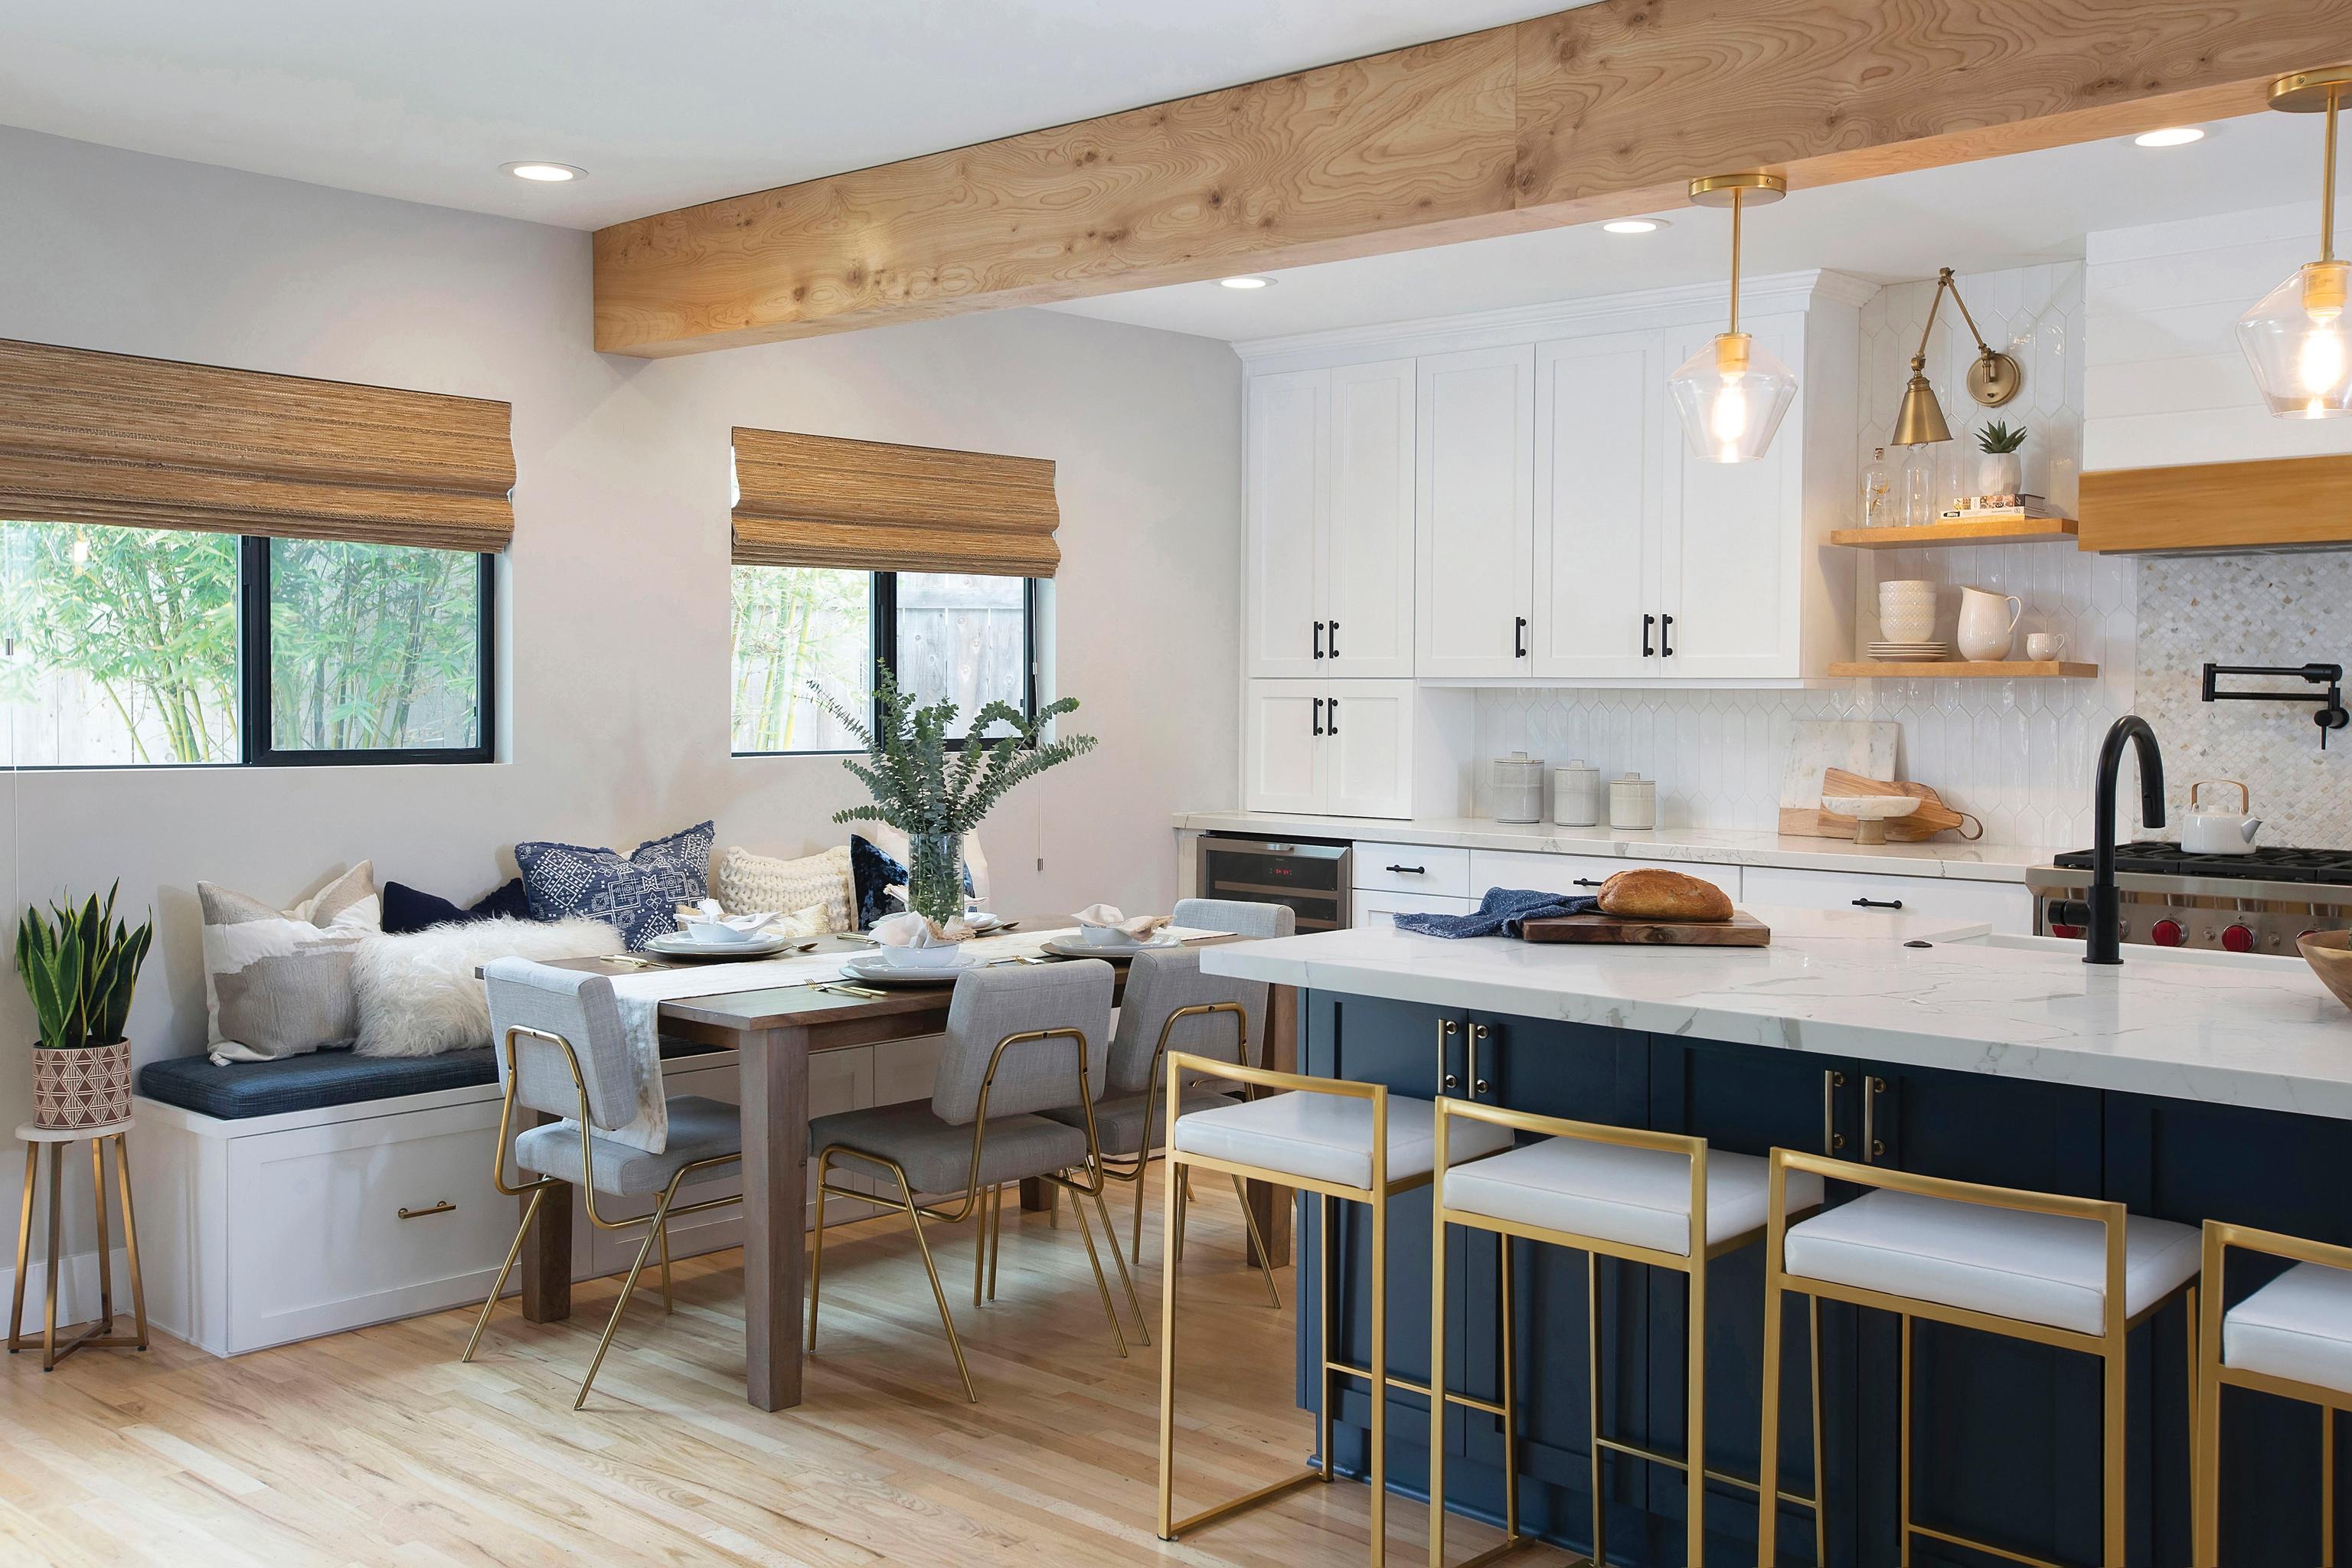 taurus zodiac design kitchen hope pinc bench seating